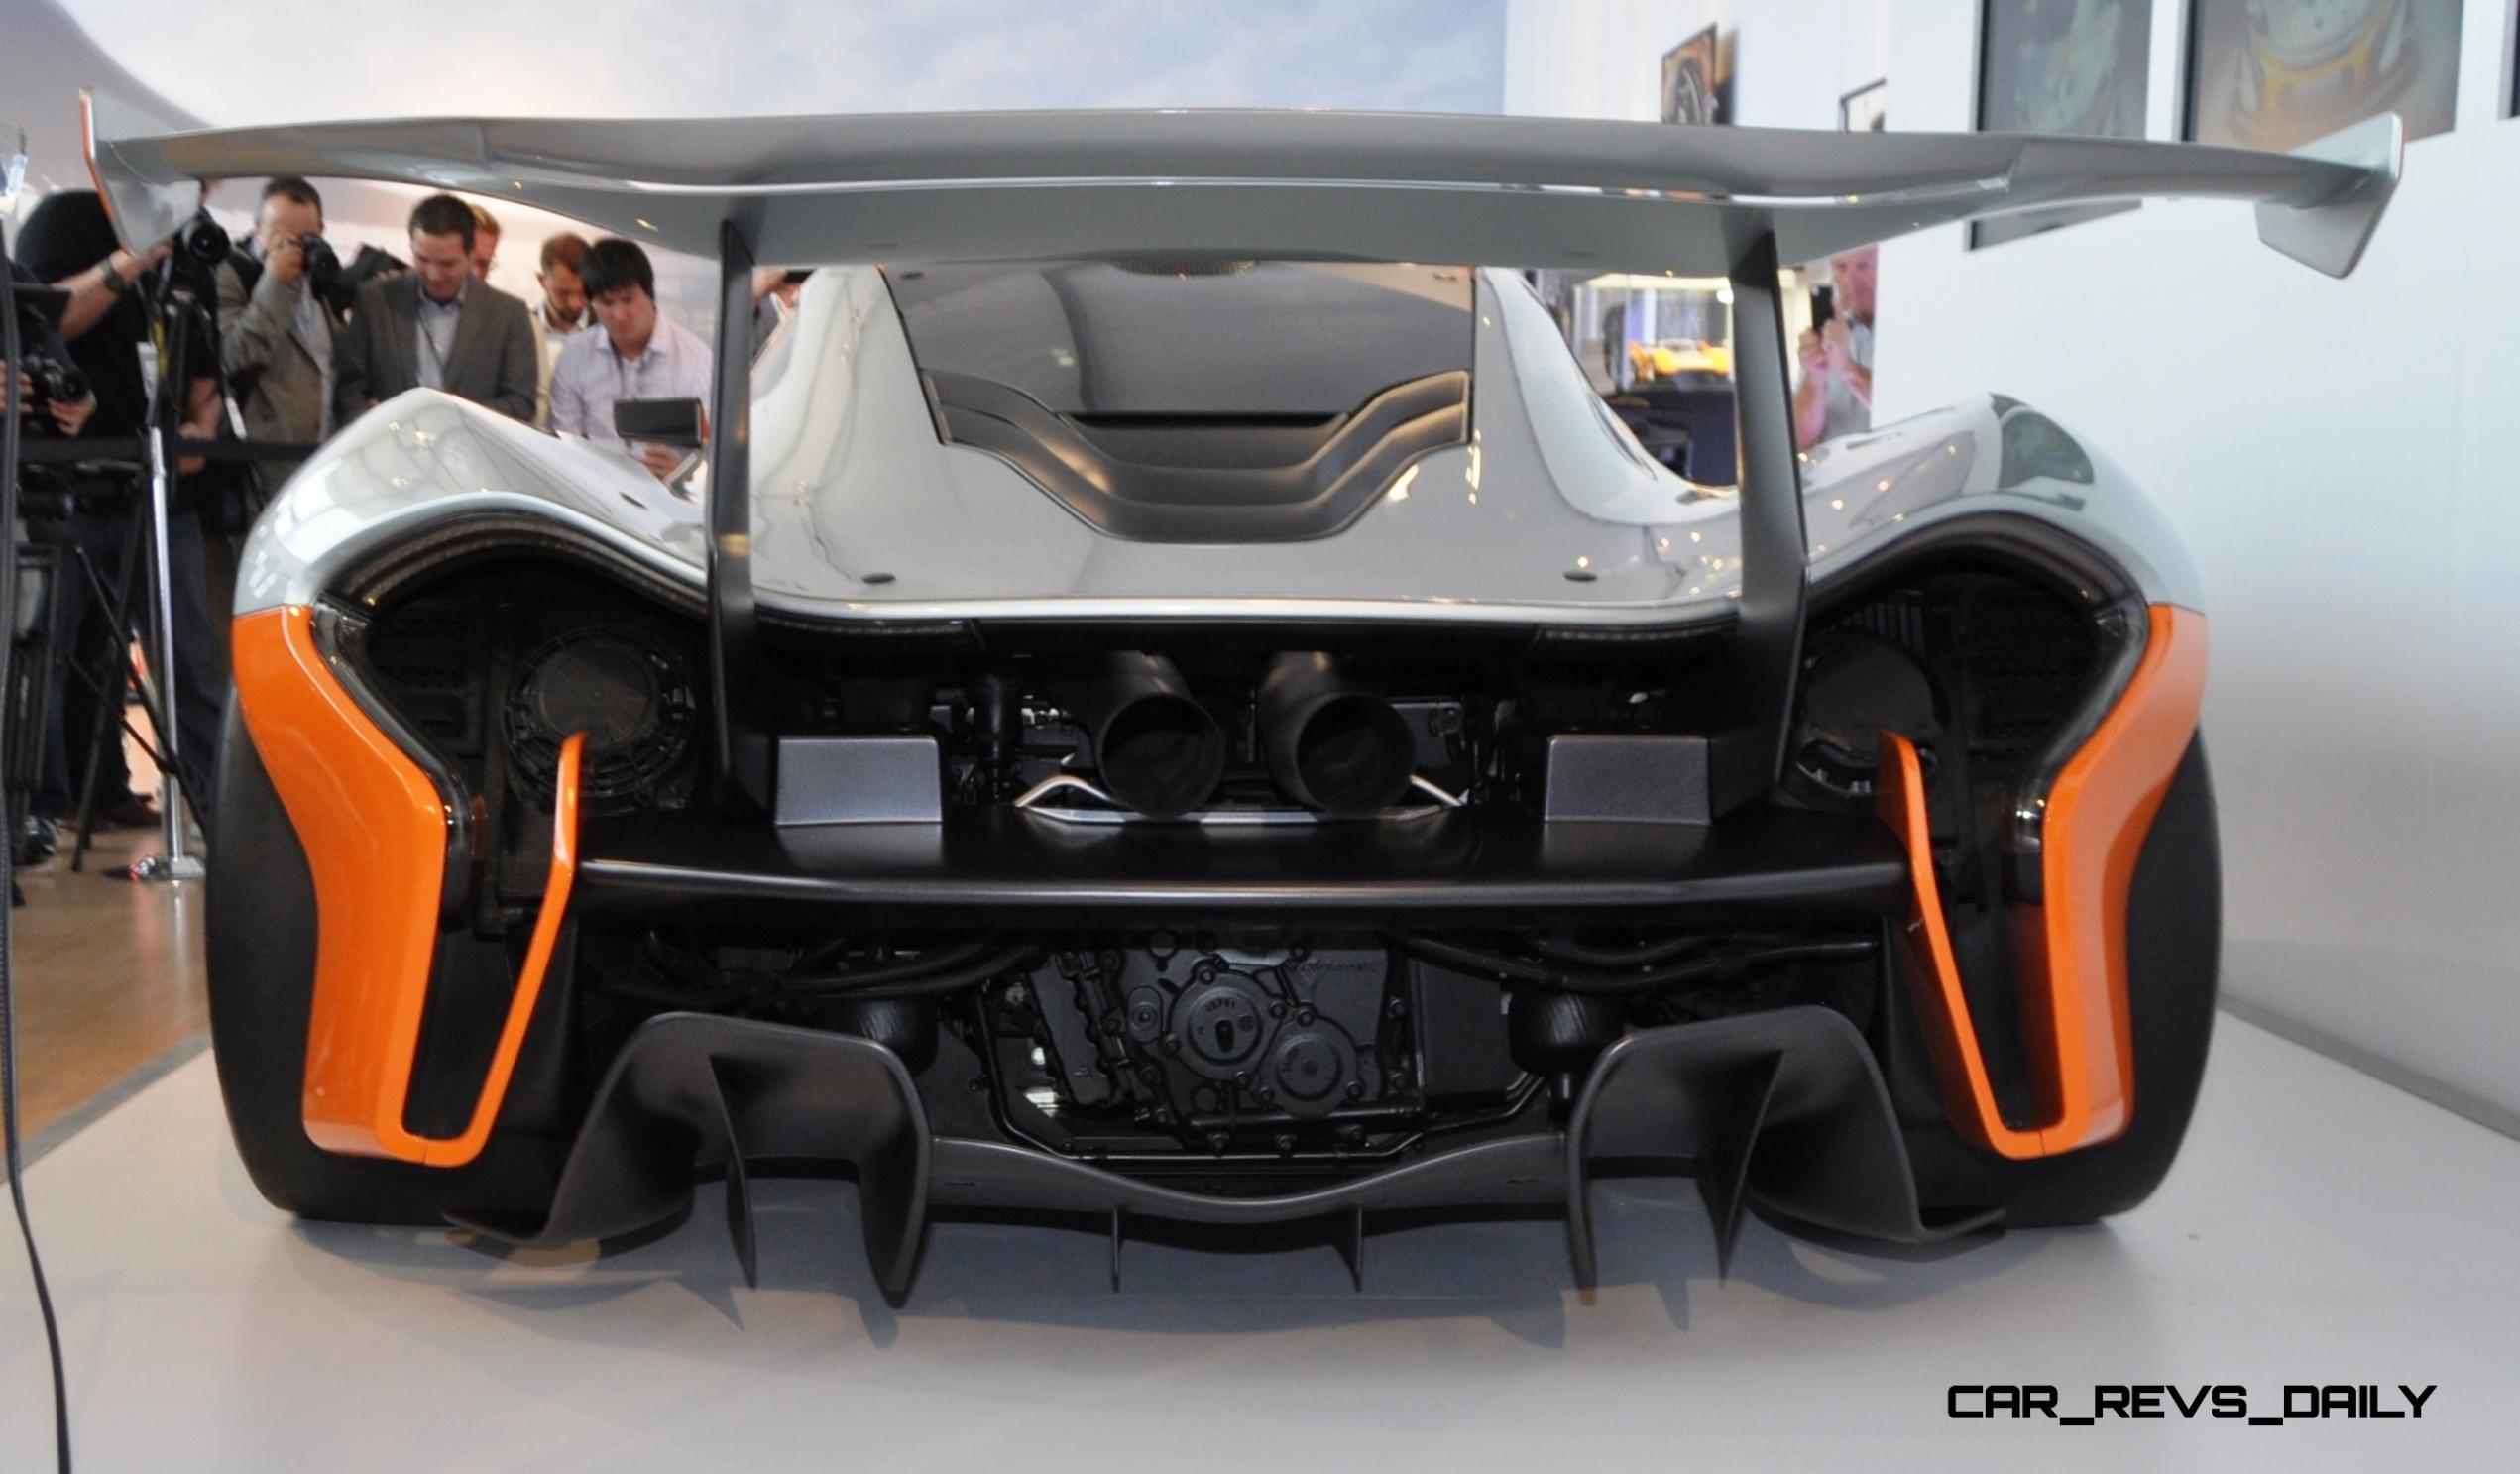 2015 McLaren P1 GTR - Pebble Beach World Debut in 55 High-Res Photos 6